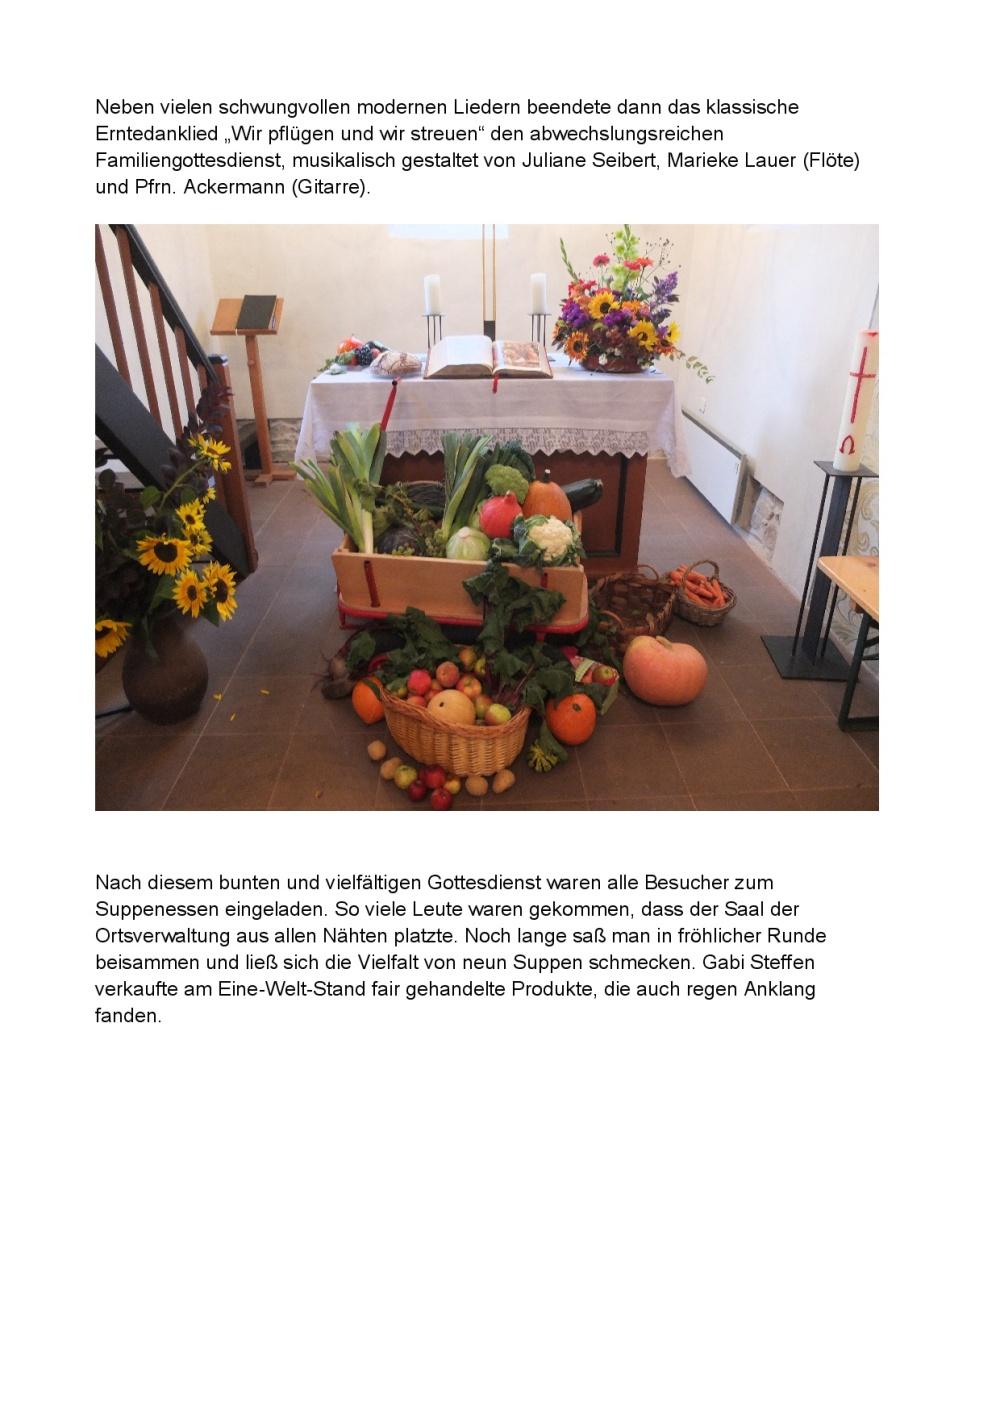 2016-10-02-erntedank-fami-godi-mit-suppenessen-003